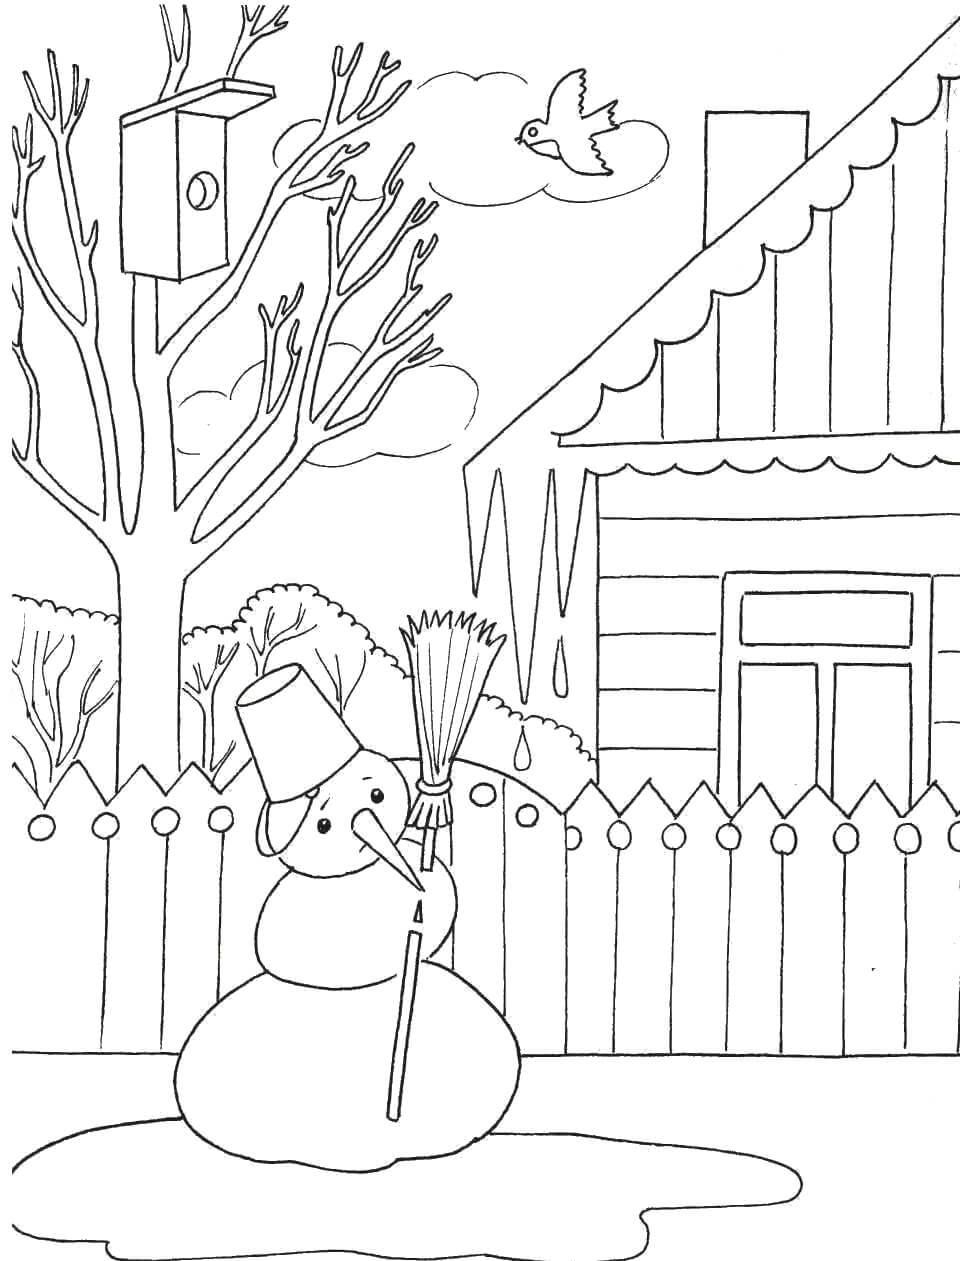 Лучшие картинки рисунки снеговиков для срисовки - коллекция 4